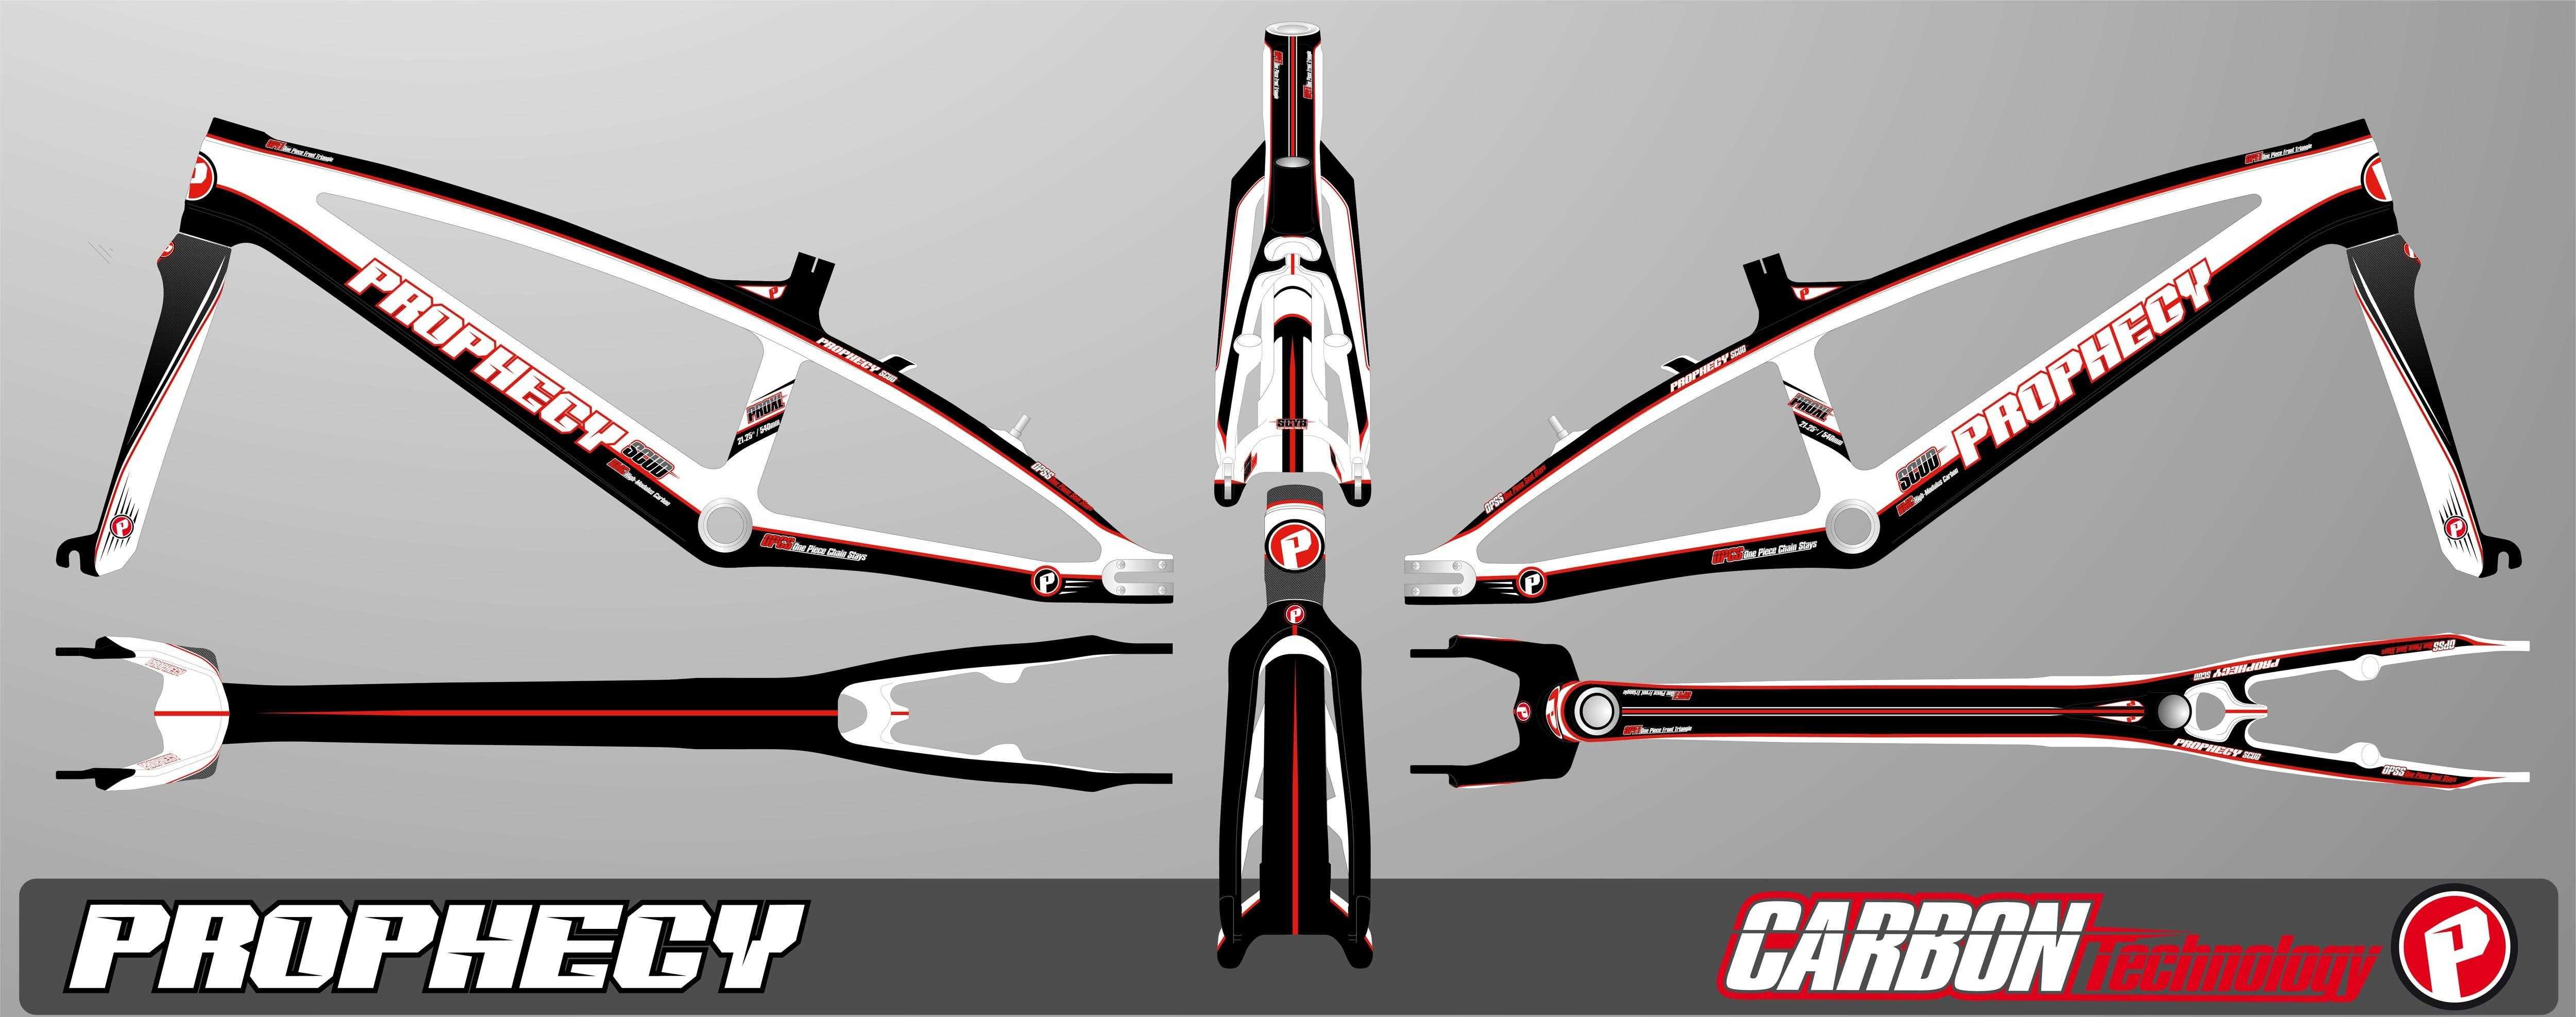 Supercross Bmx Carbon Frame - Page 3 - Frame Design & Reviews ✓